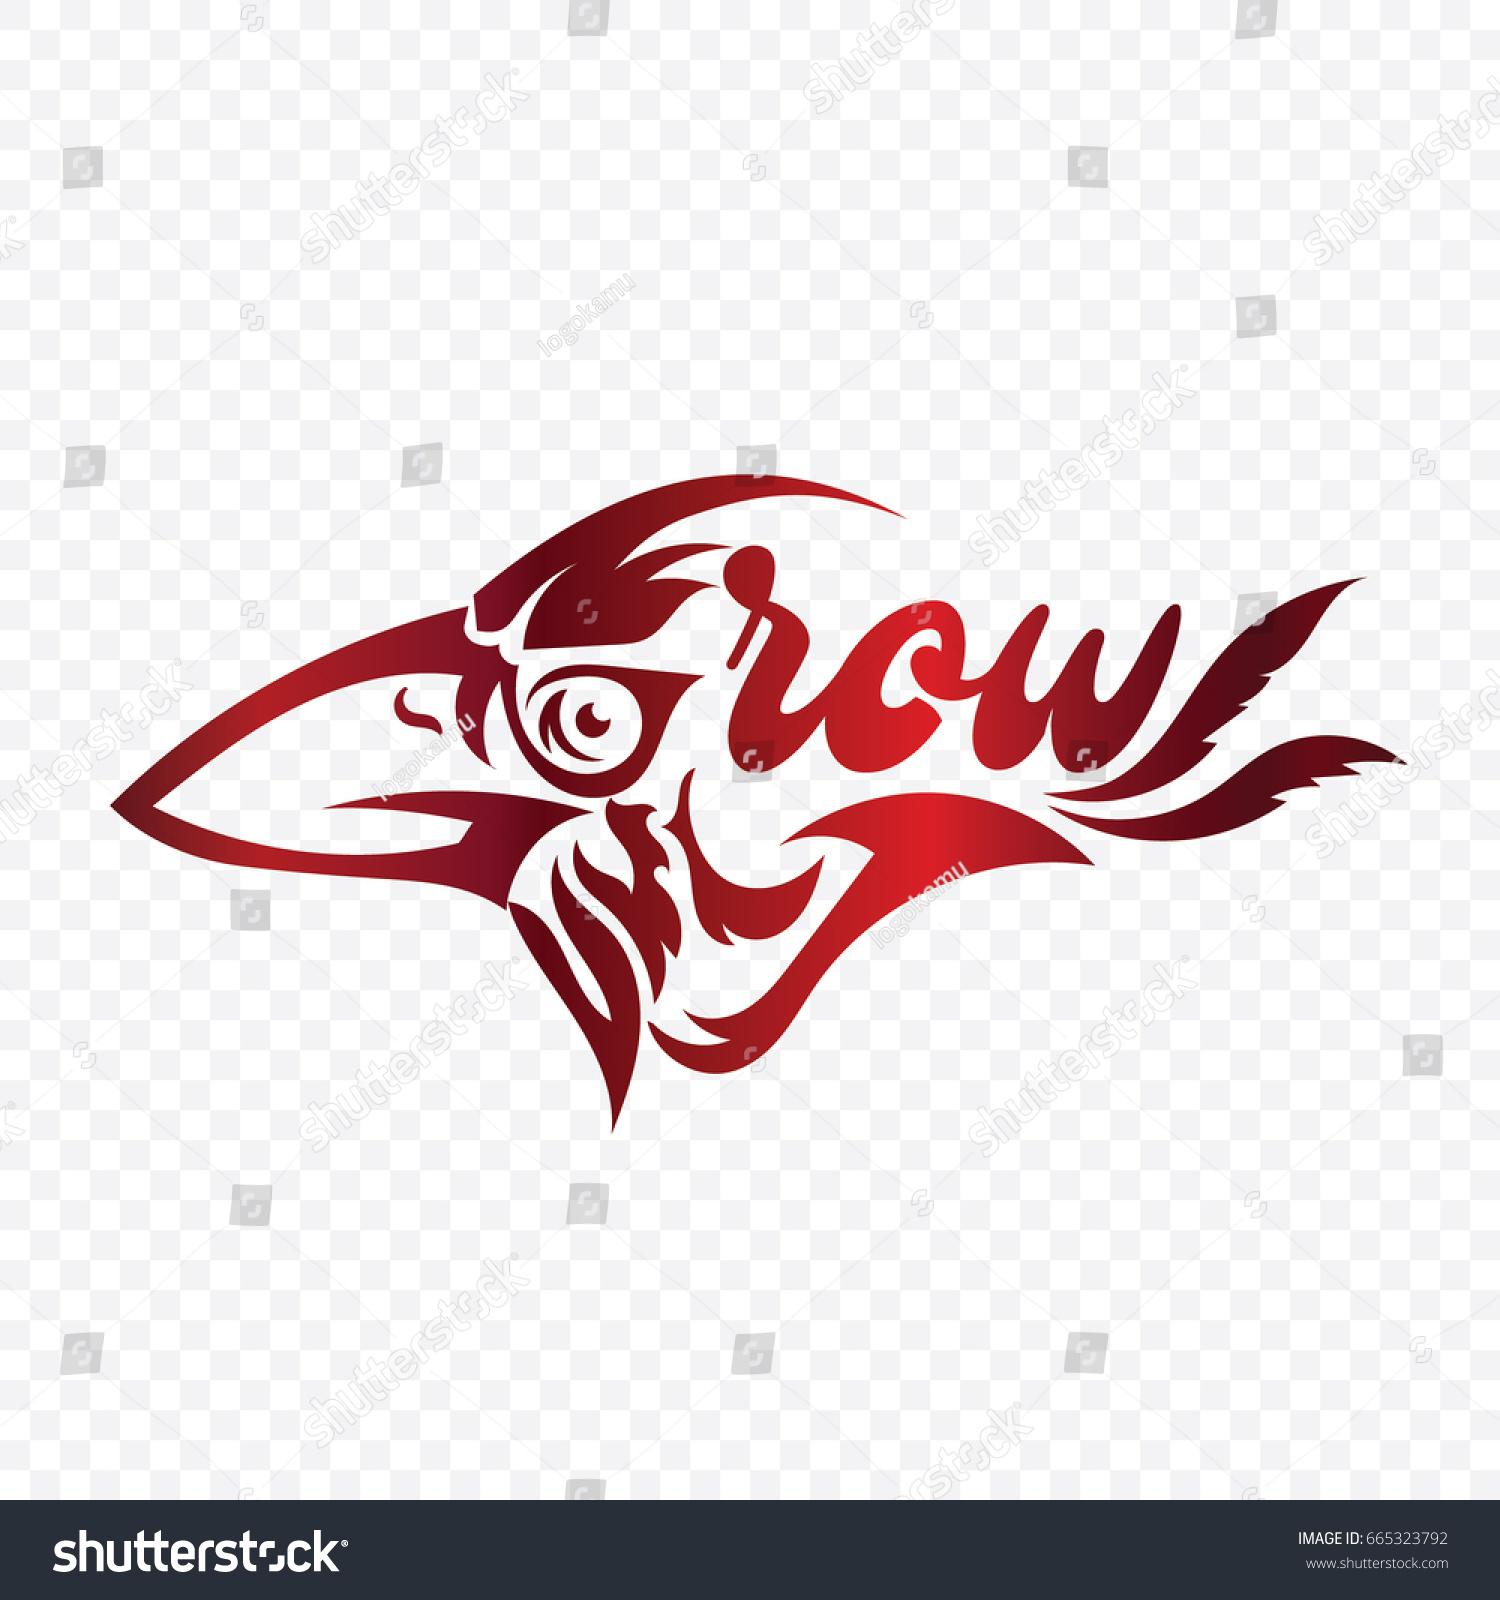 Crow logo vector stock vector 665323792 shutterstock crow logo vector sciox Choice Image